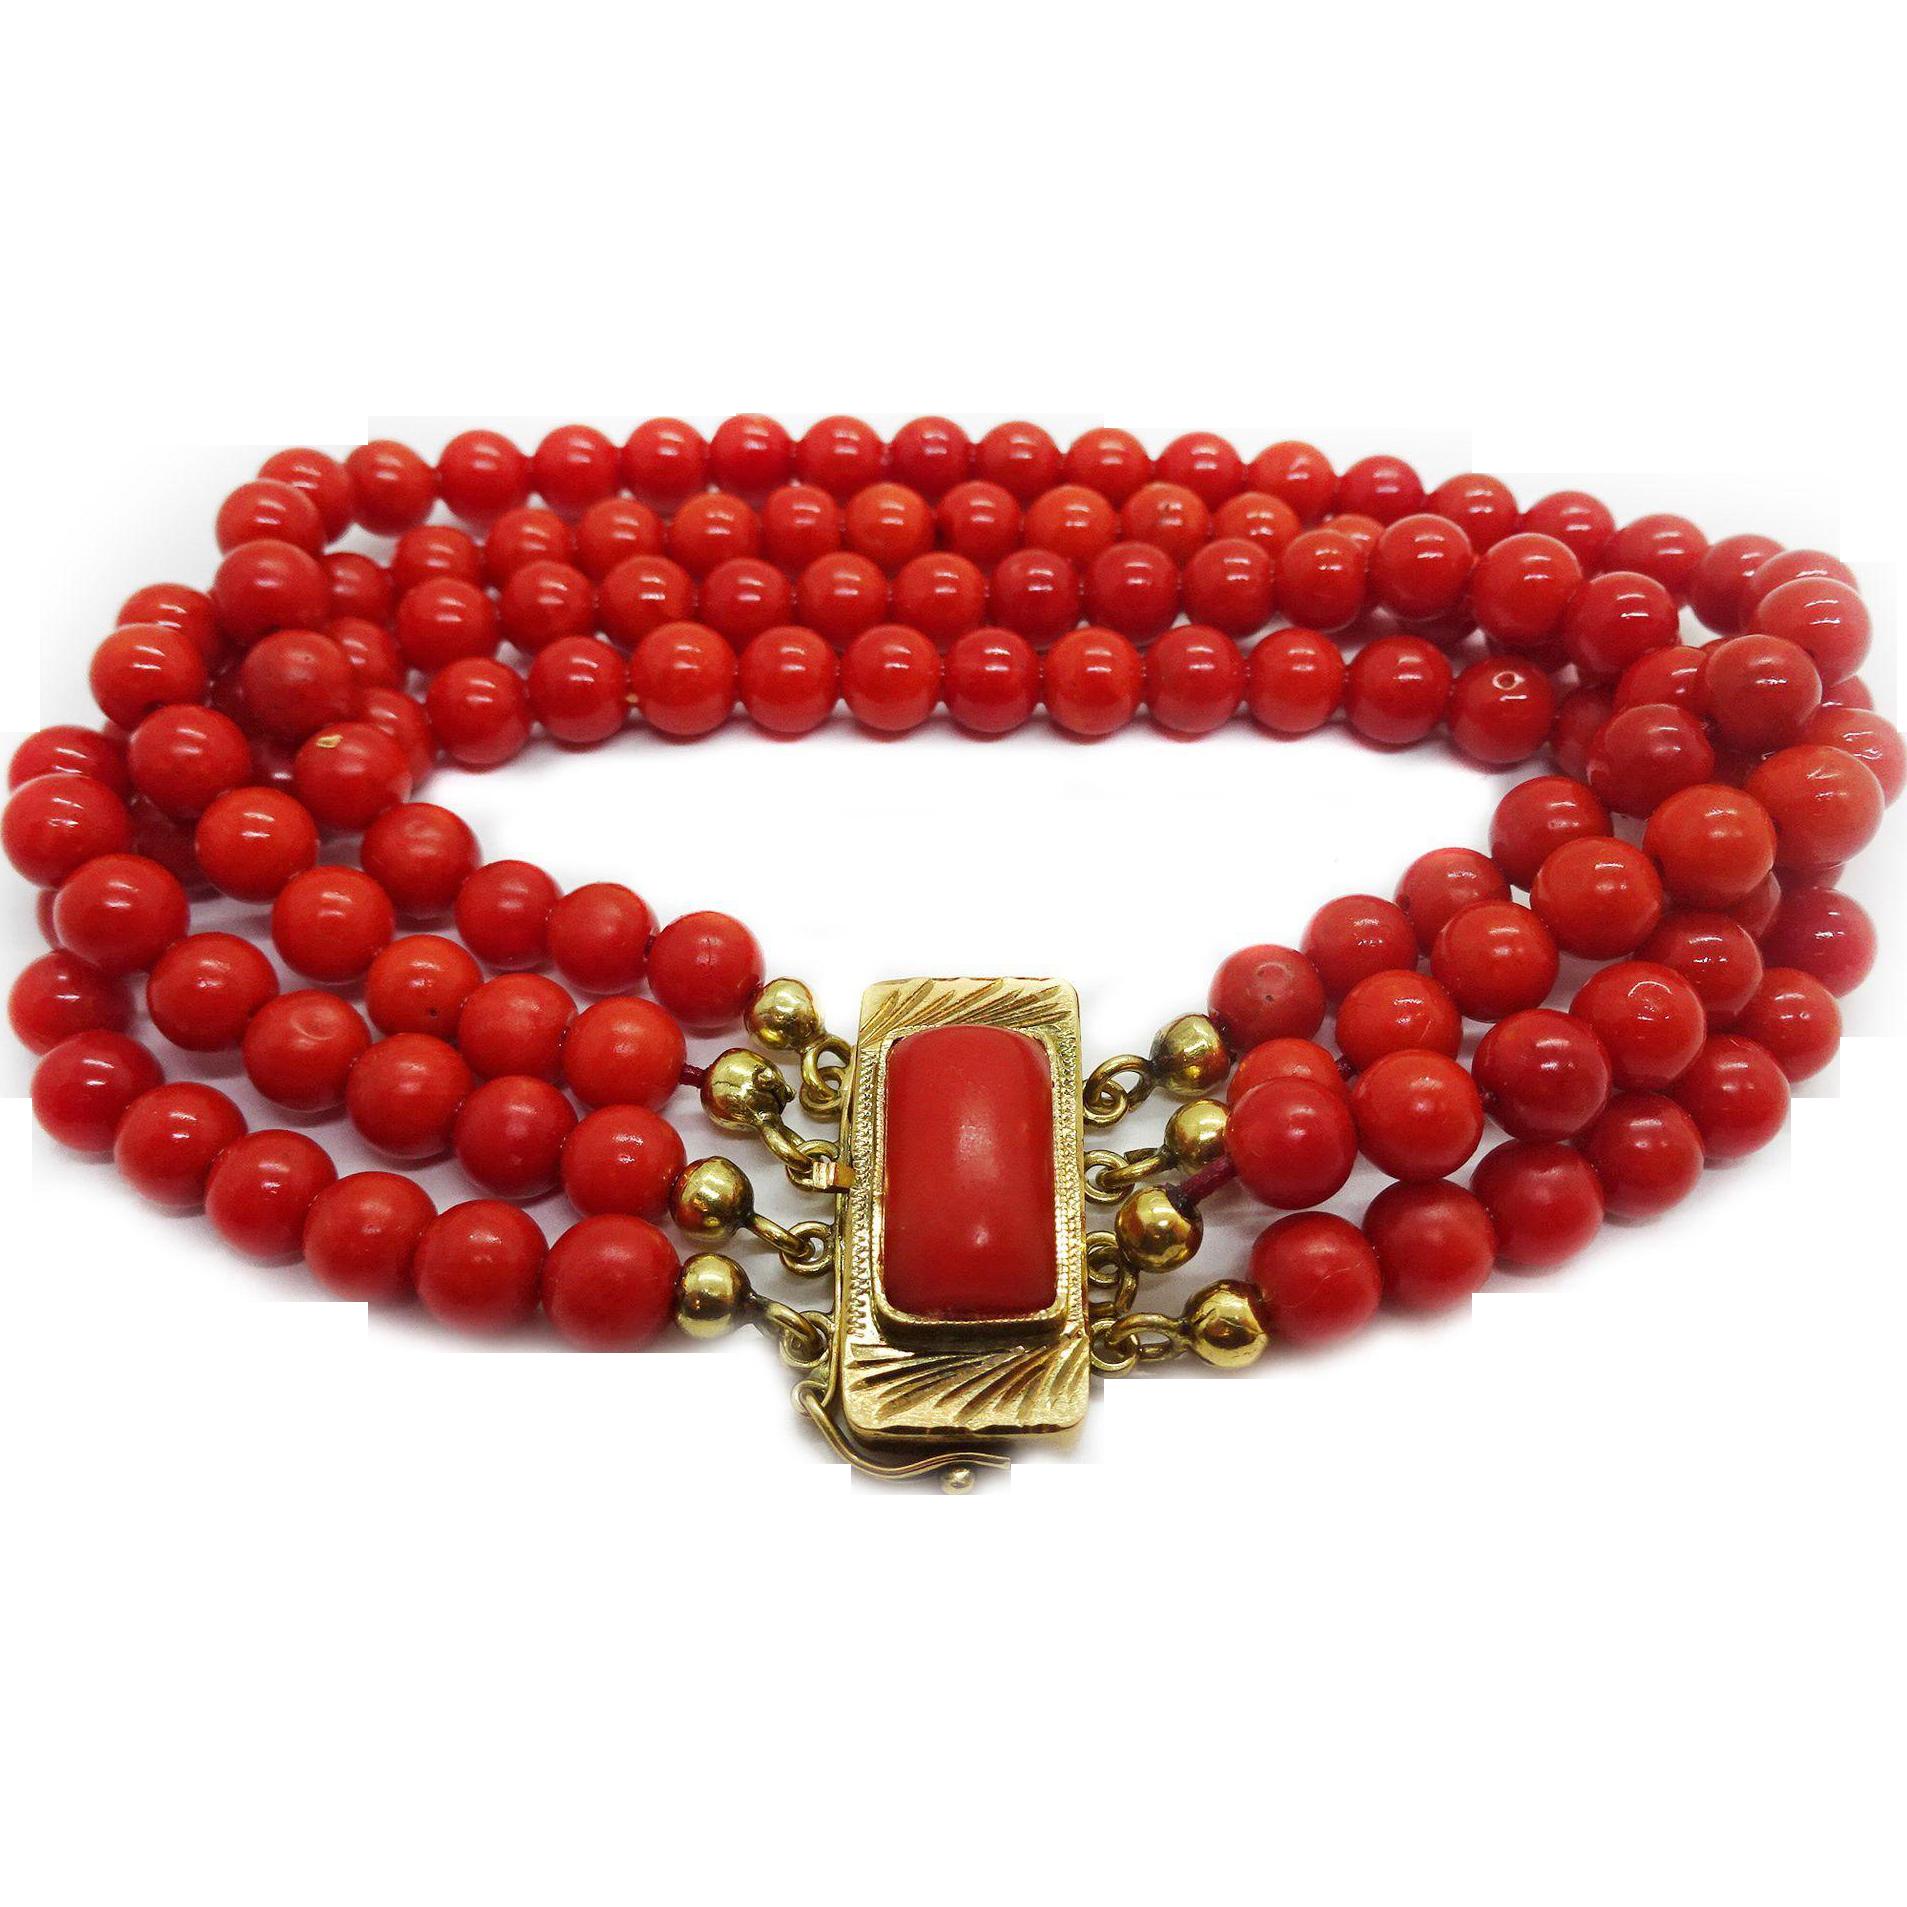 Macys Furniture Outlet Schaumburg Il: Vintage 18k Gold Oxblood Red Coral 4-Strand Bracelet, 5